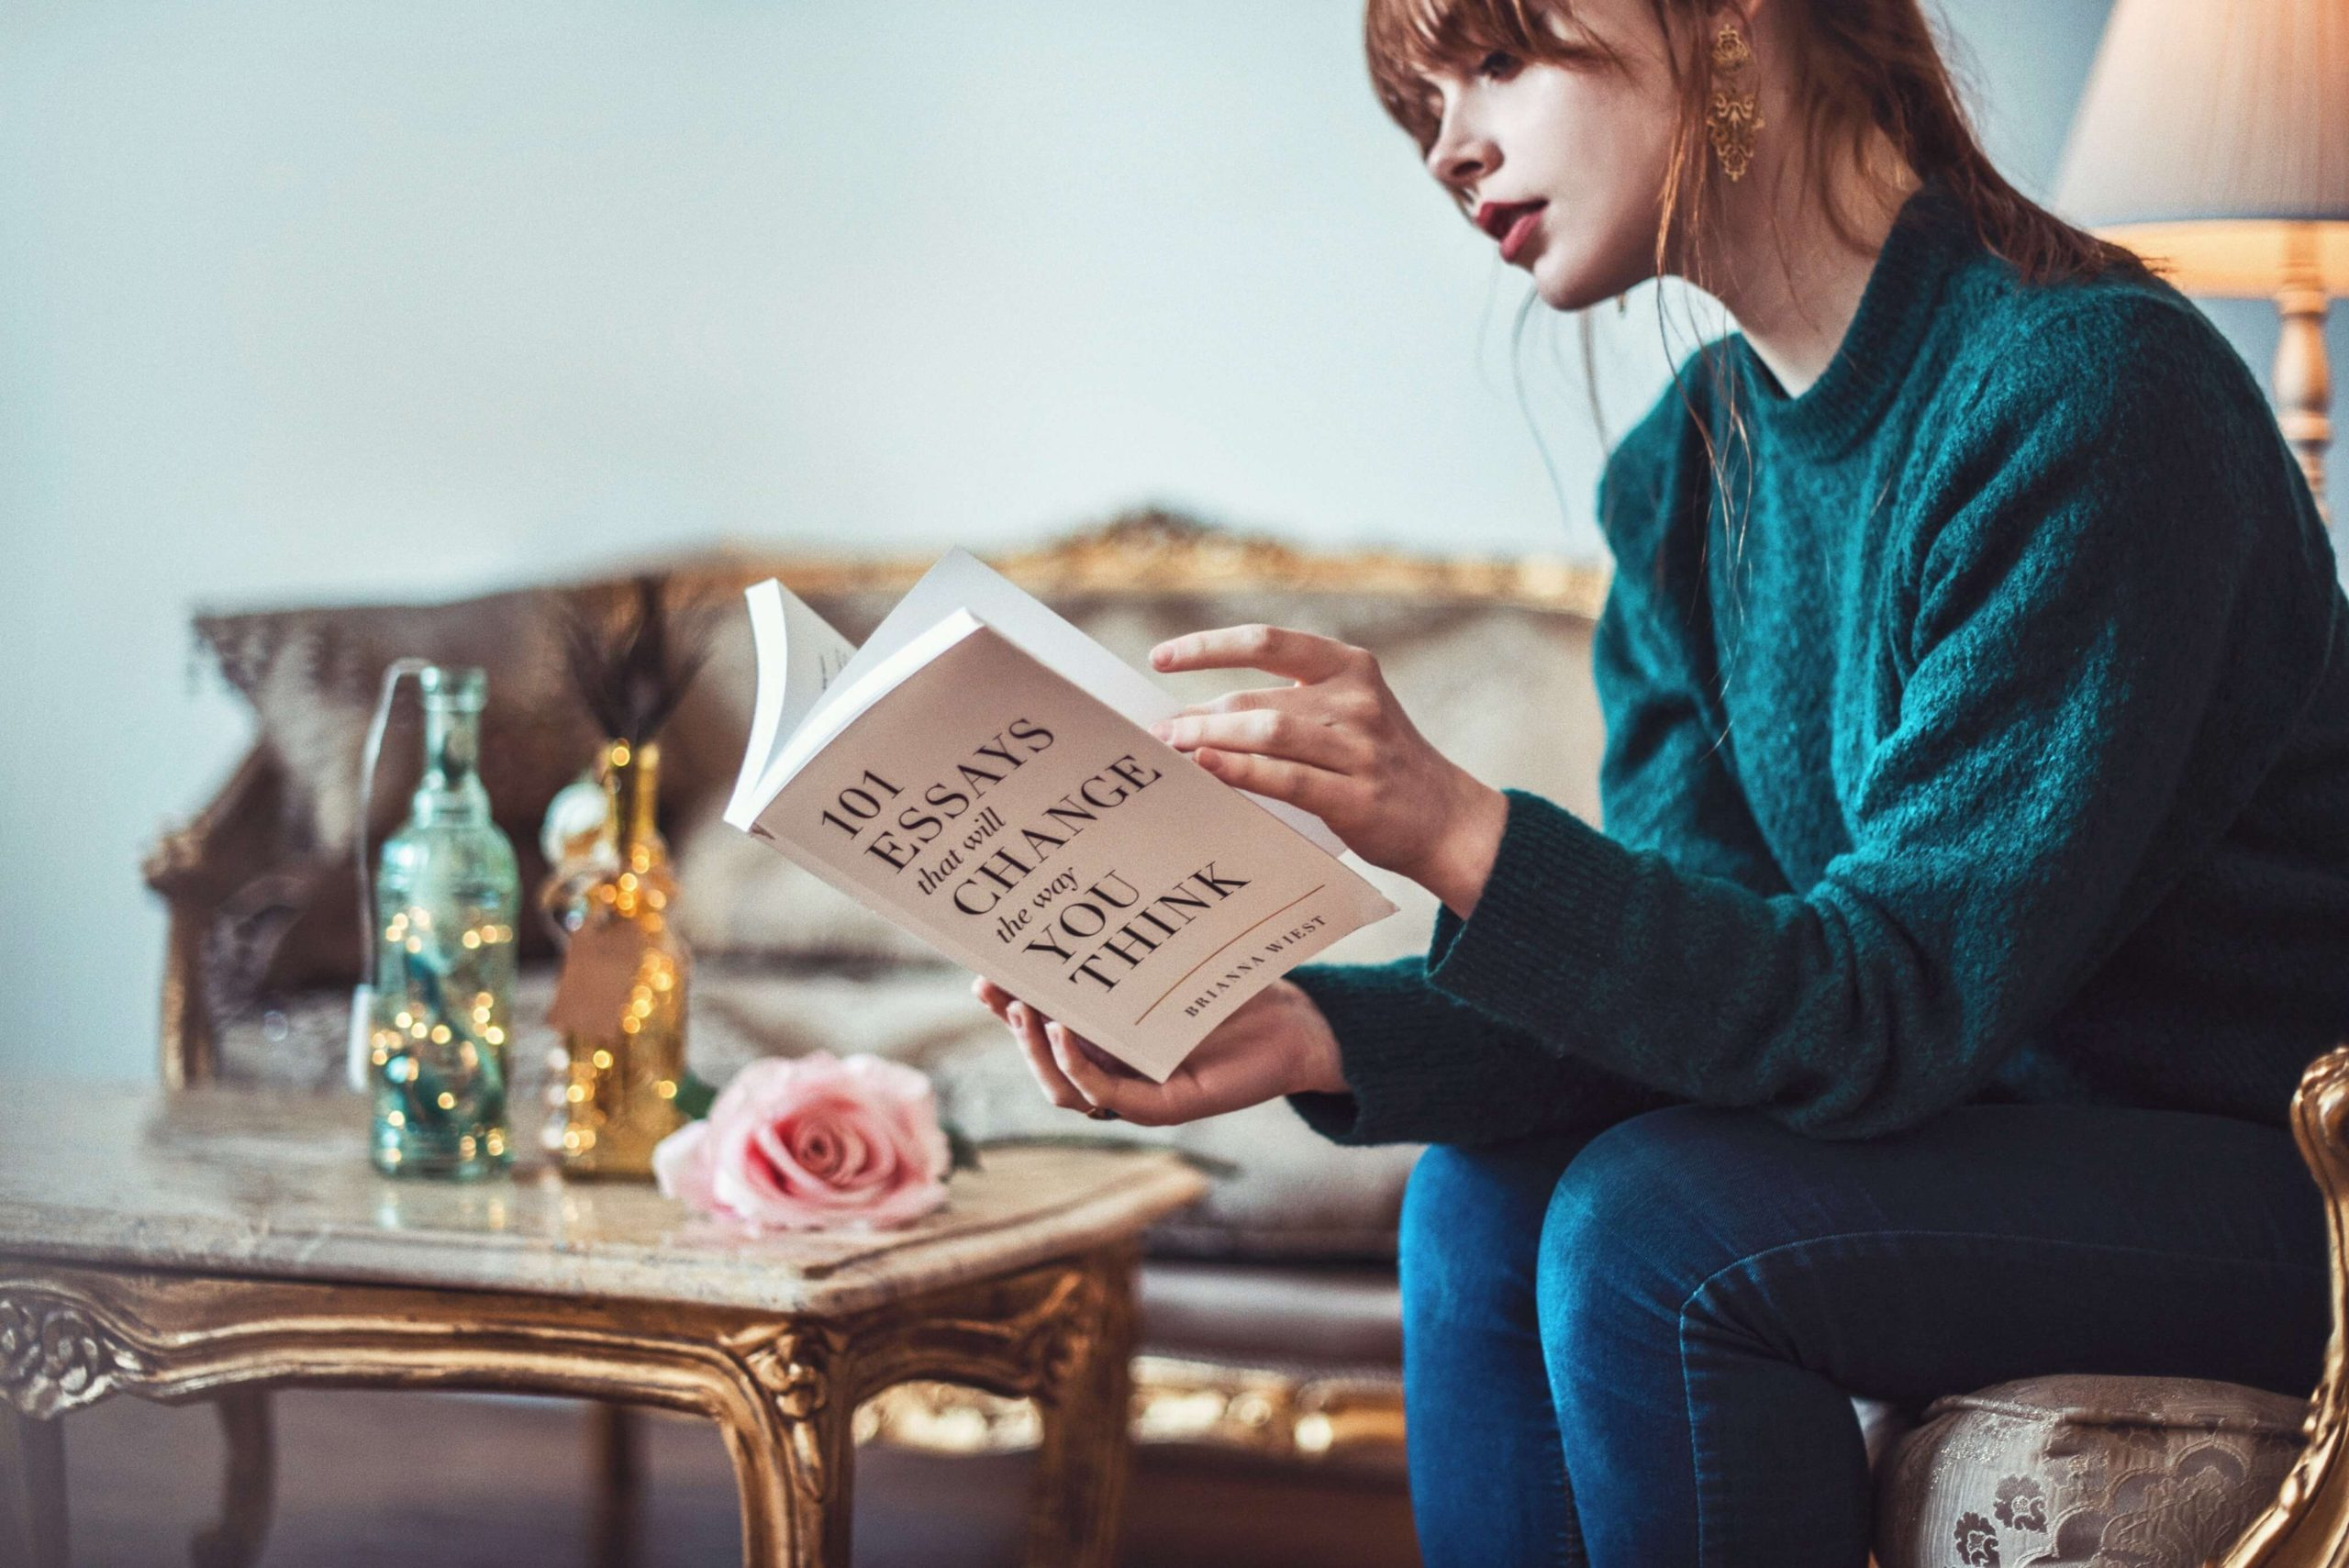 海外ノマドになりたい人が読むべき私のおすすめ本15選!【ジャンル別に紹介!】